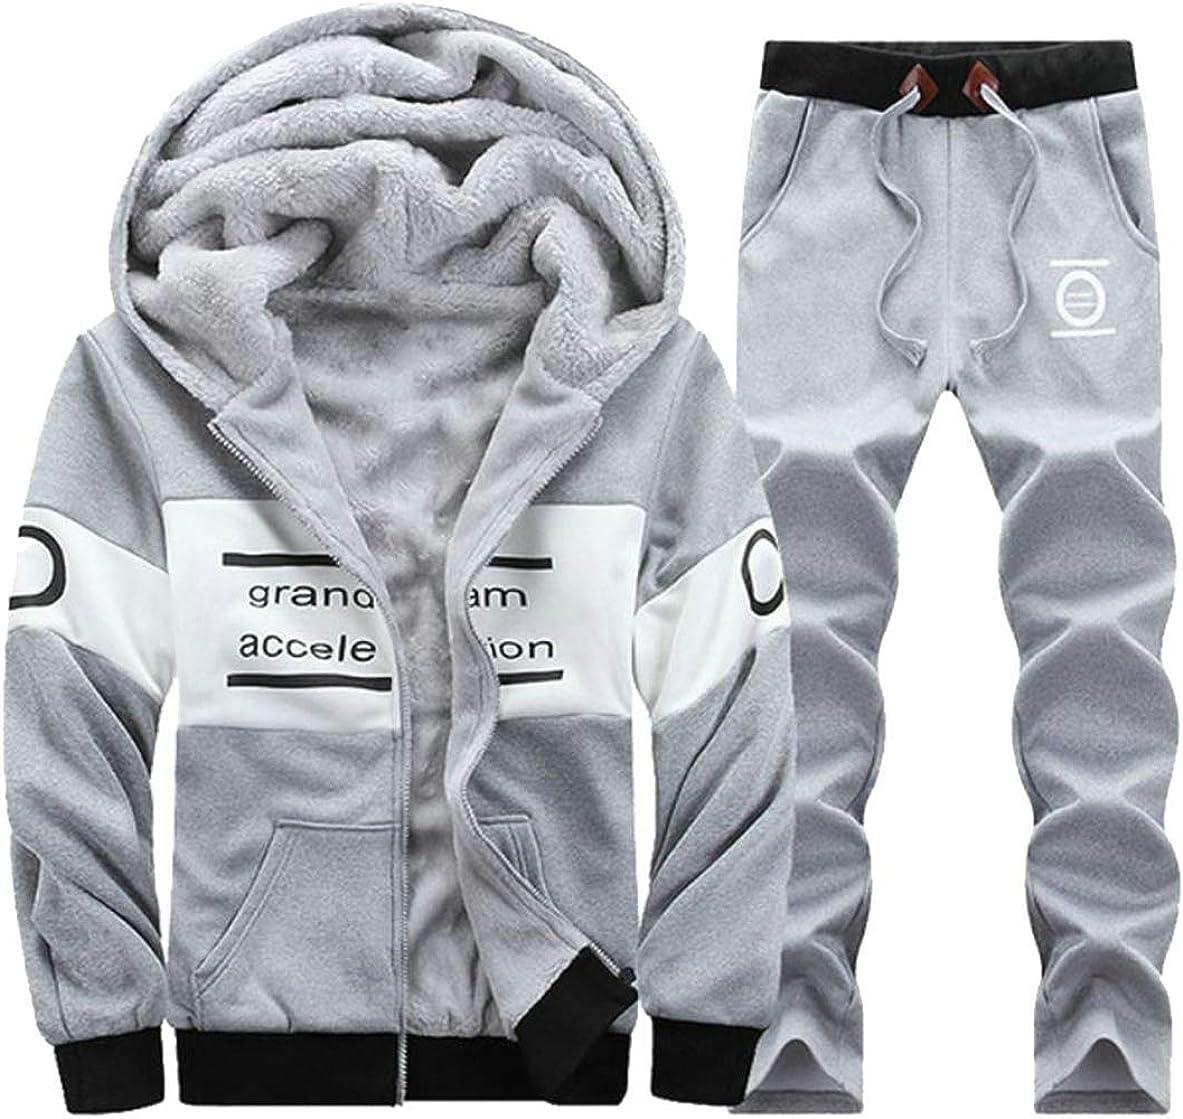 Joe Wenko Mens 2 Piece Leisure Jacket Letter Fleece Sports Fall Winter Tracksuit Set